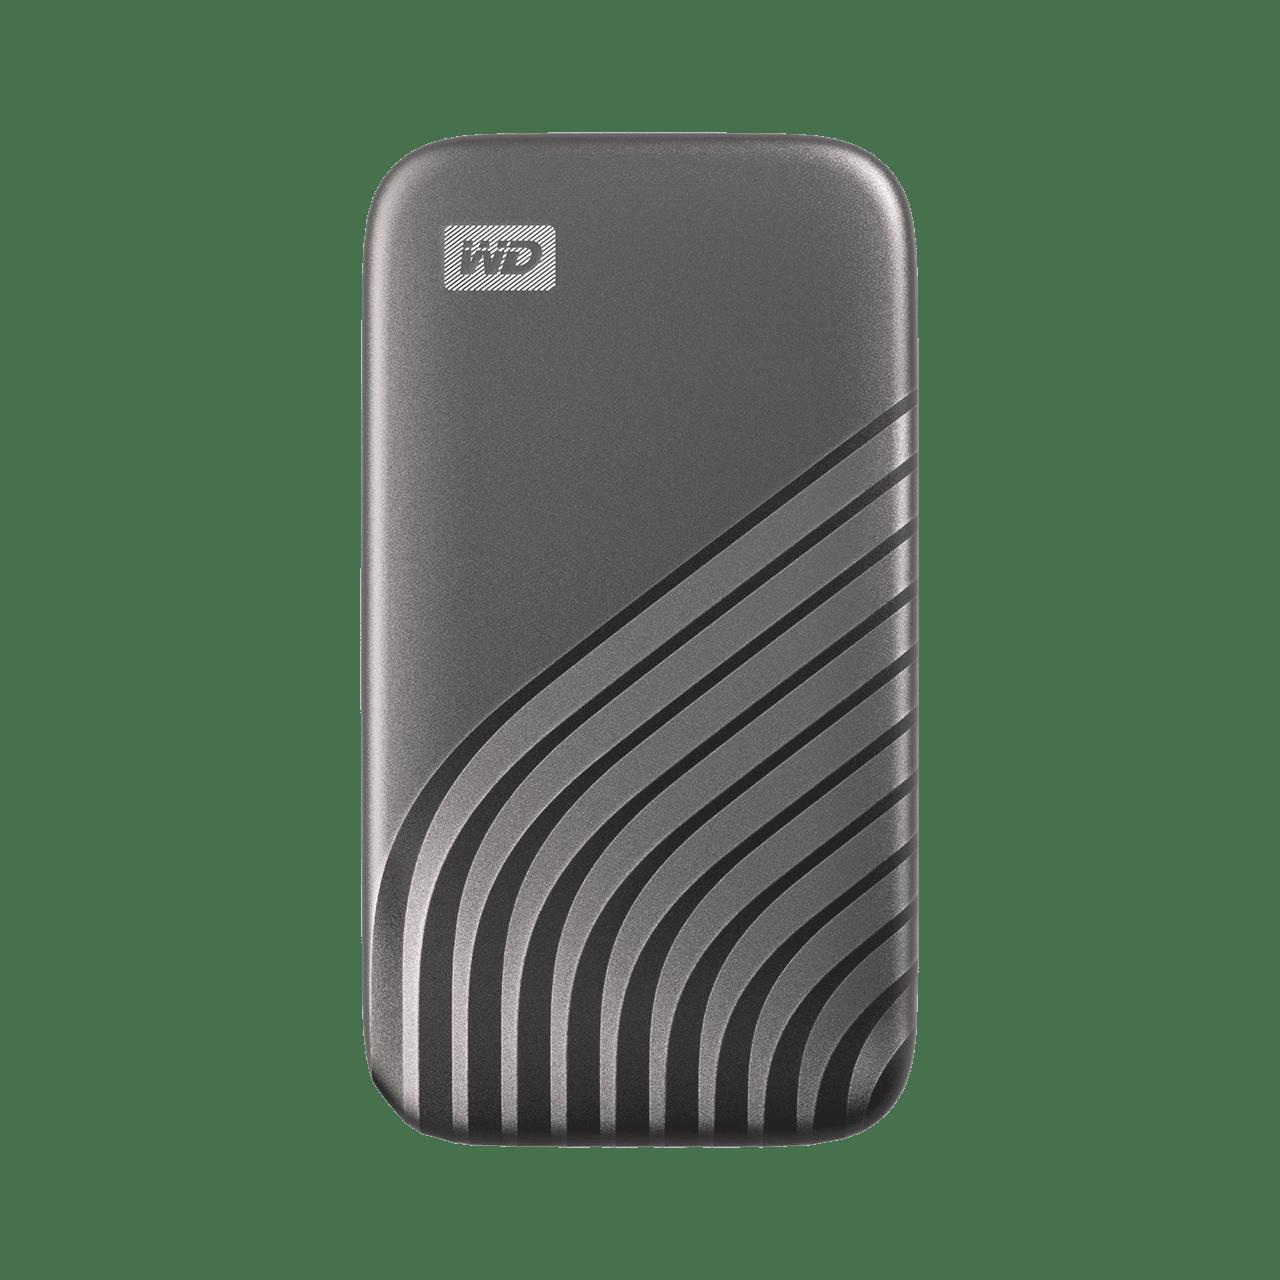 Ext. SSD WD My Passport SSD 500GB šedá - WDBAGF5000AGY-WESN